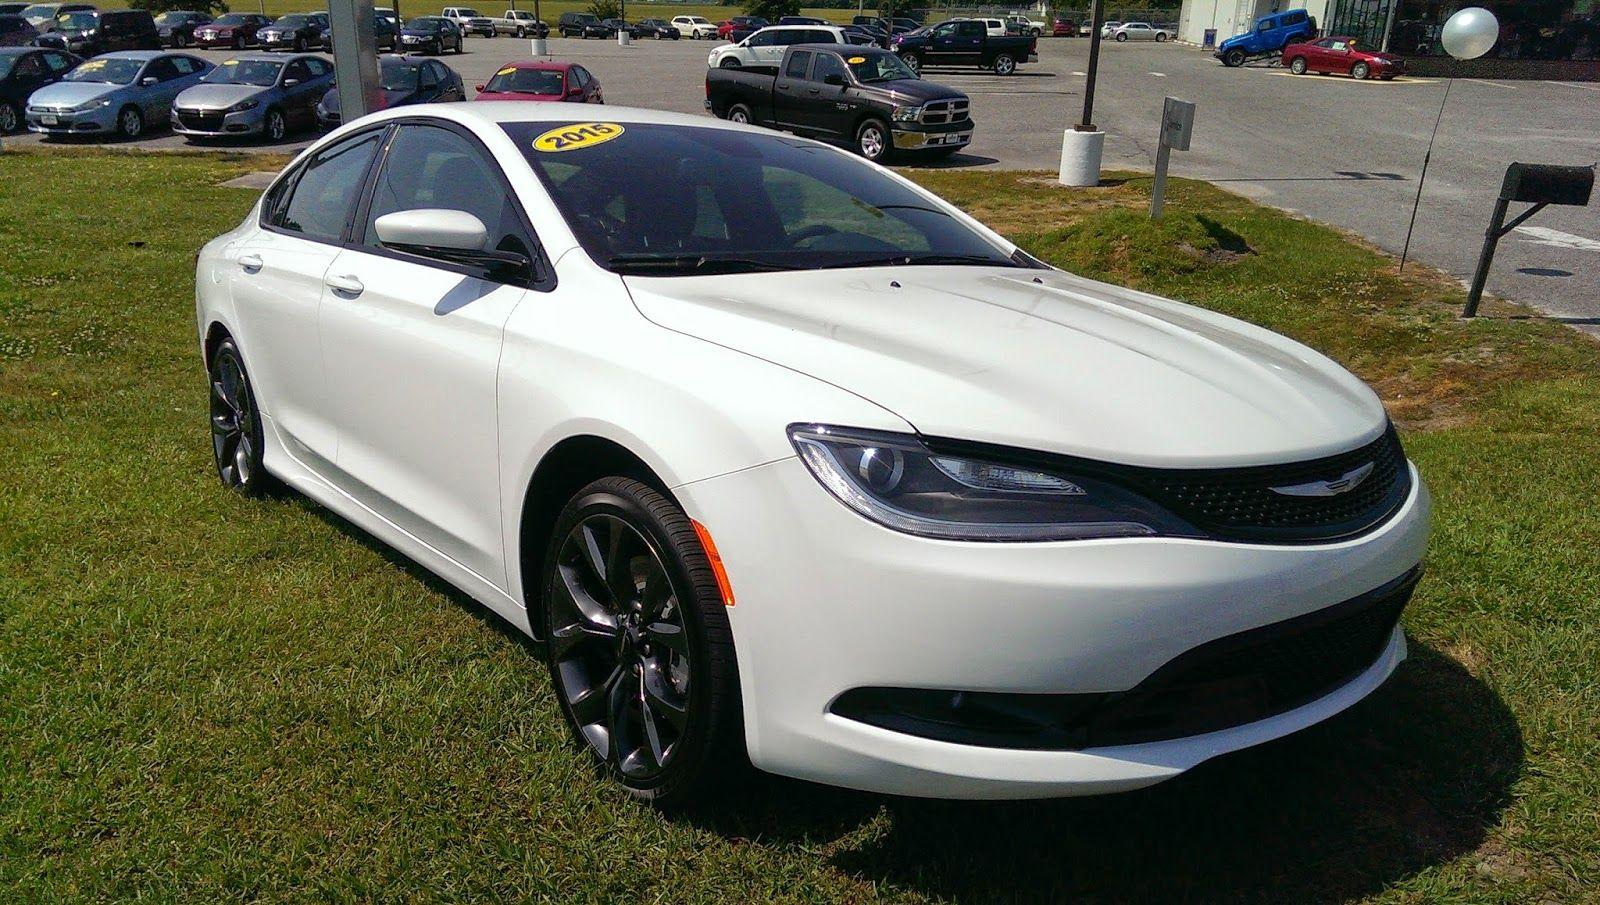 All New 2015 Chrysler 200 Chrysler 200 Mid Size Sedan Luxury Cars